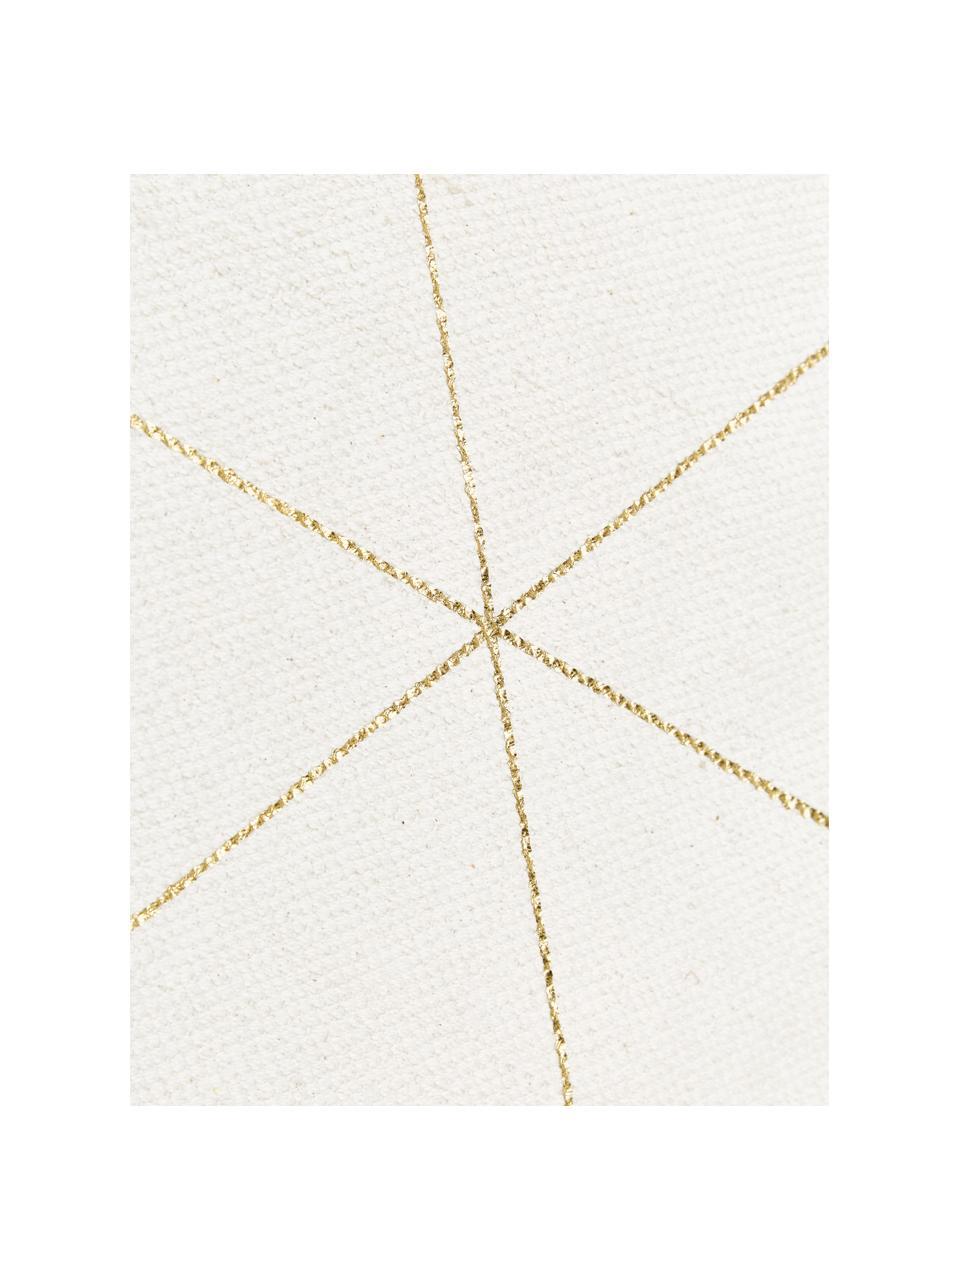 Tappeto in cotone beige/dorato tessuto piatto con frange Yena, Beige, oro, Larg. 50 x Lung. 80 cm (taglia XXS)